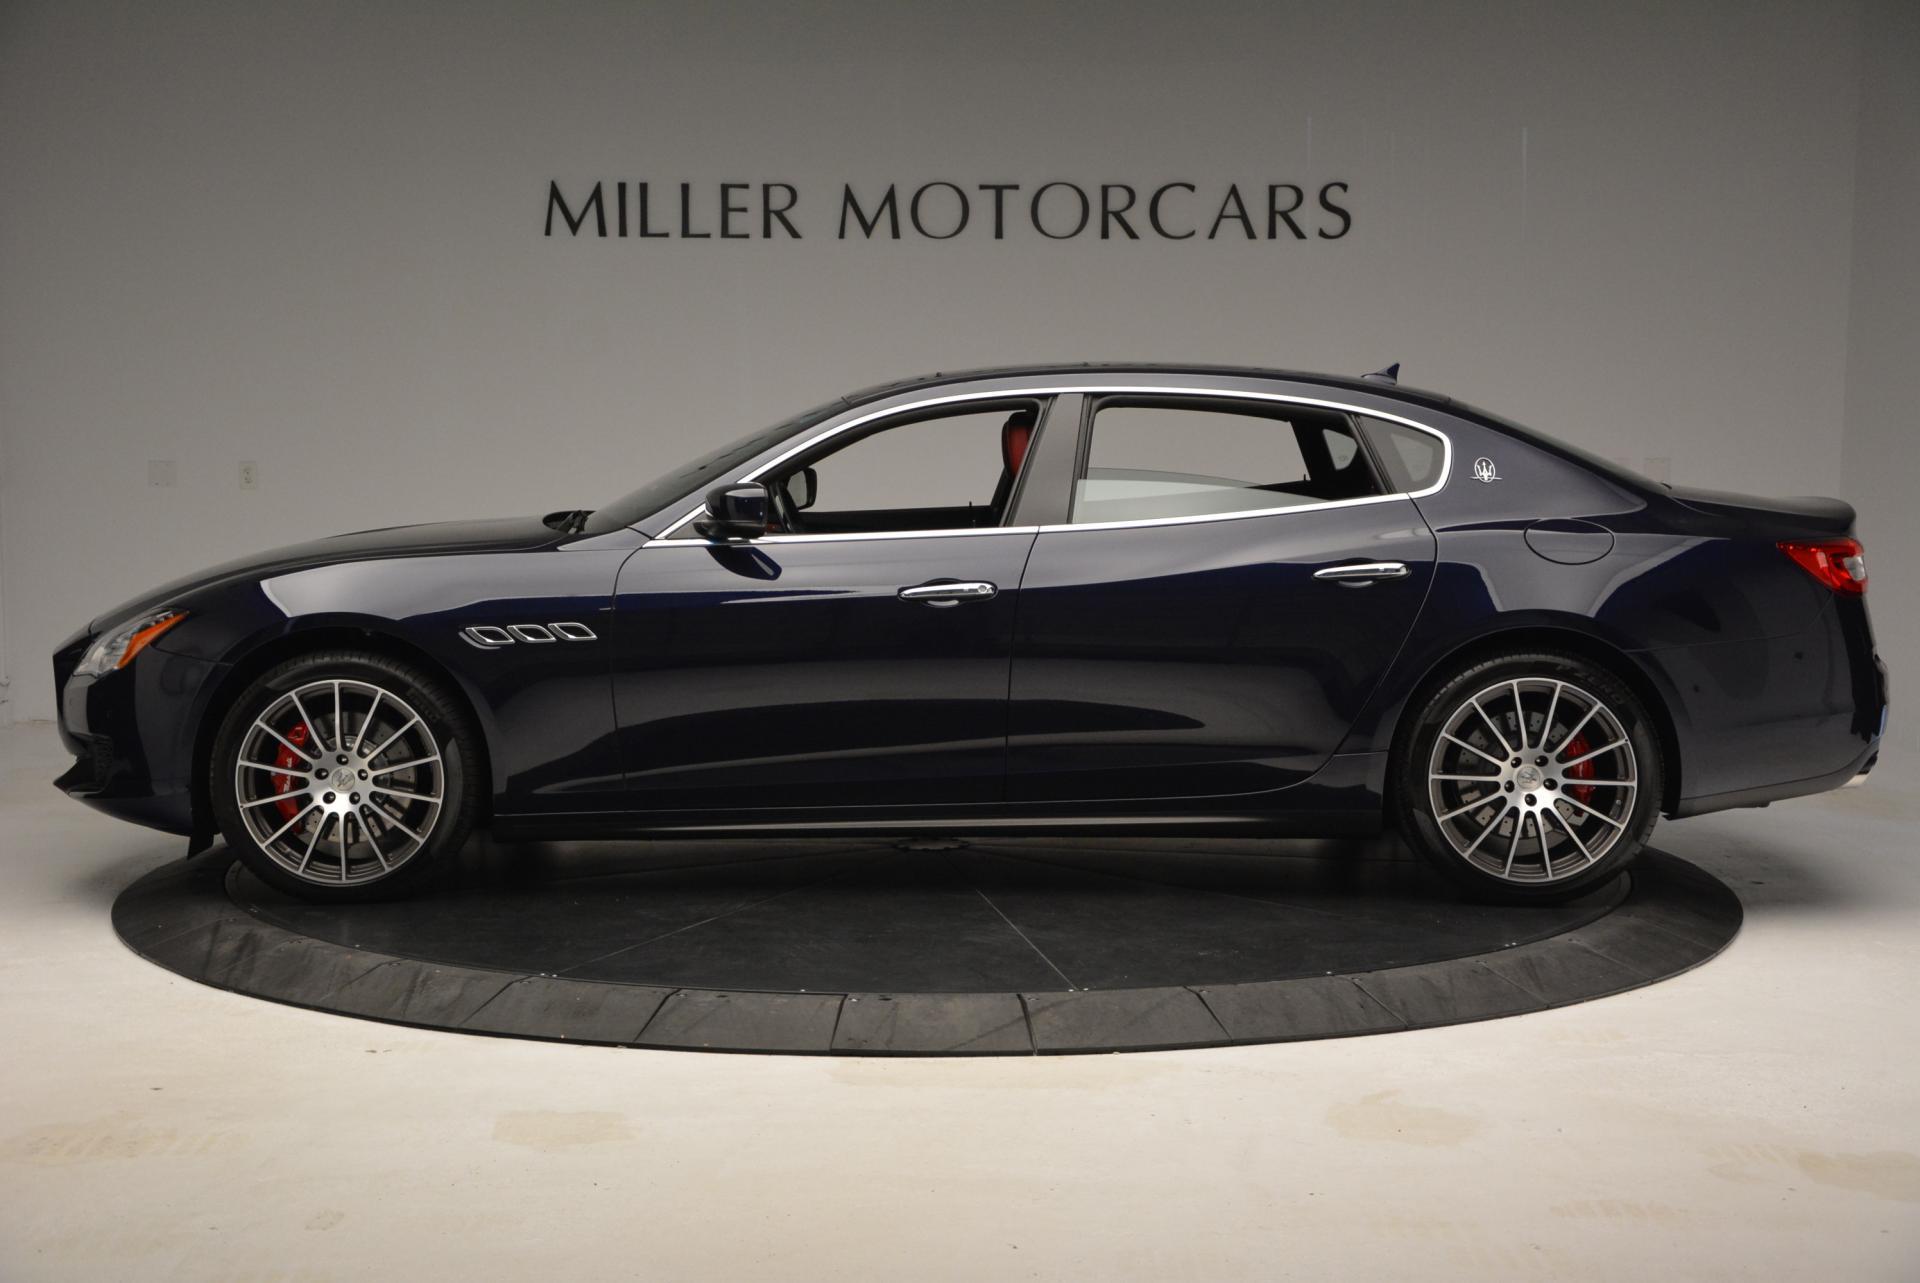 New 2016 Maserati Quattroporte S Q4  *******      DEALER'S  DEMO For Sale In Greenwich, CT 185_p4